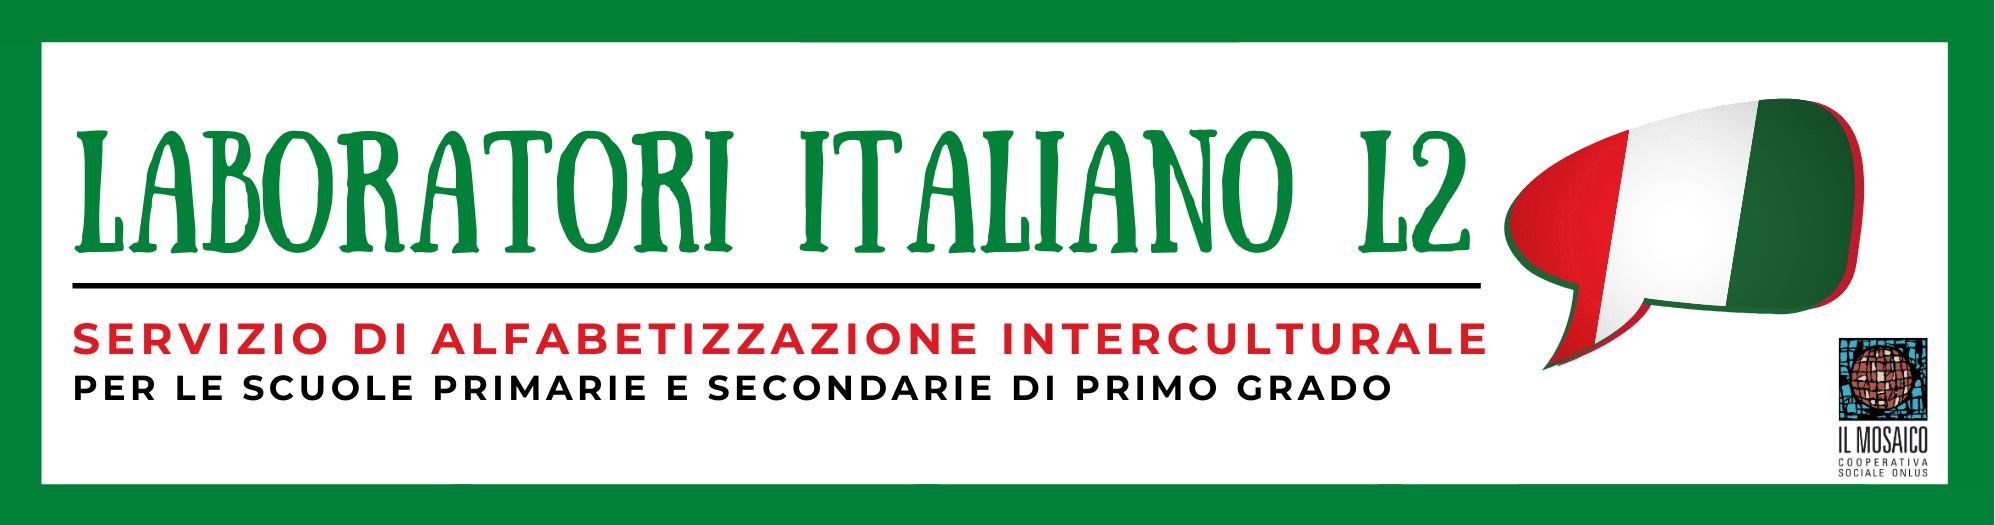 Banner Lab. Italiano L2